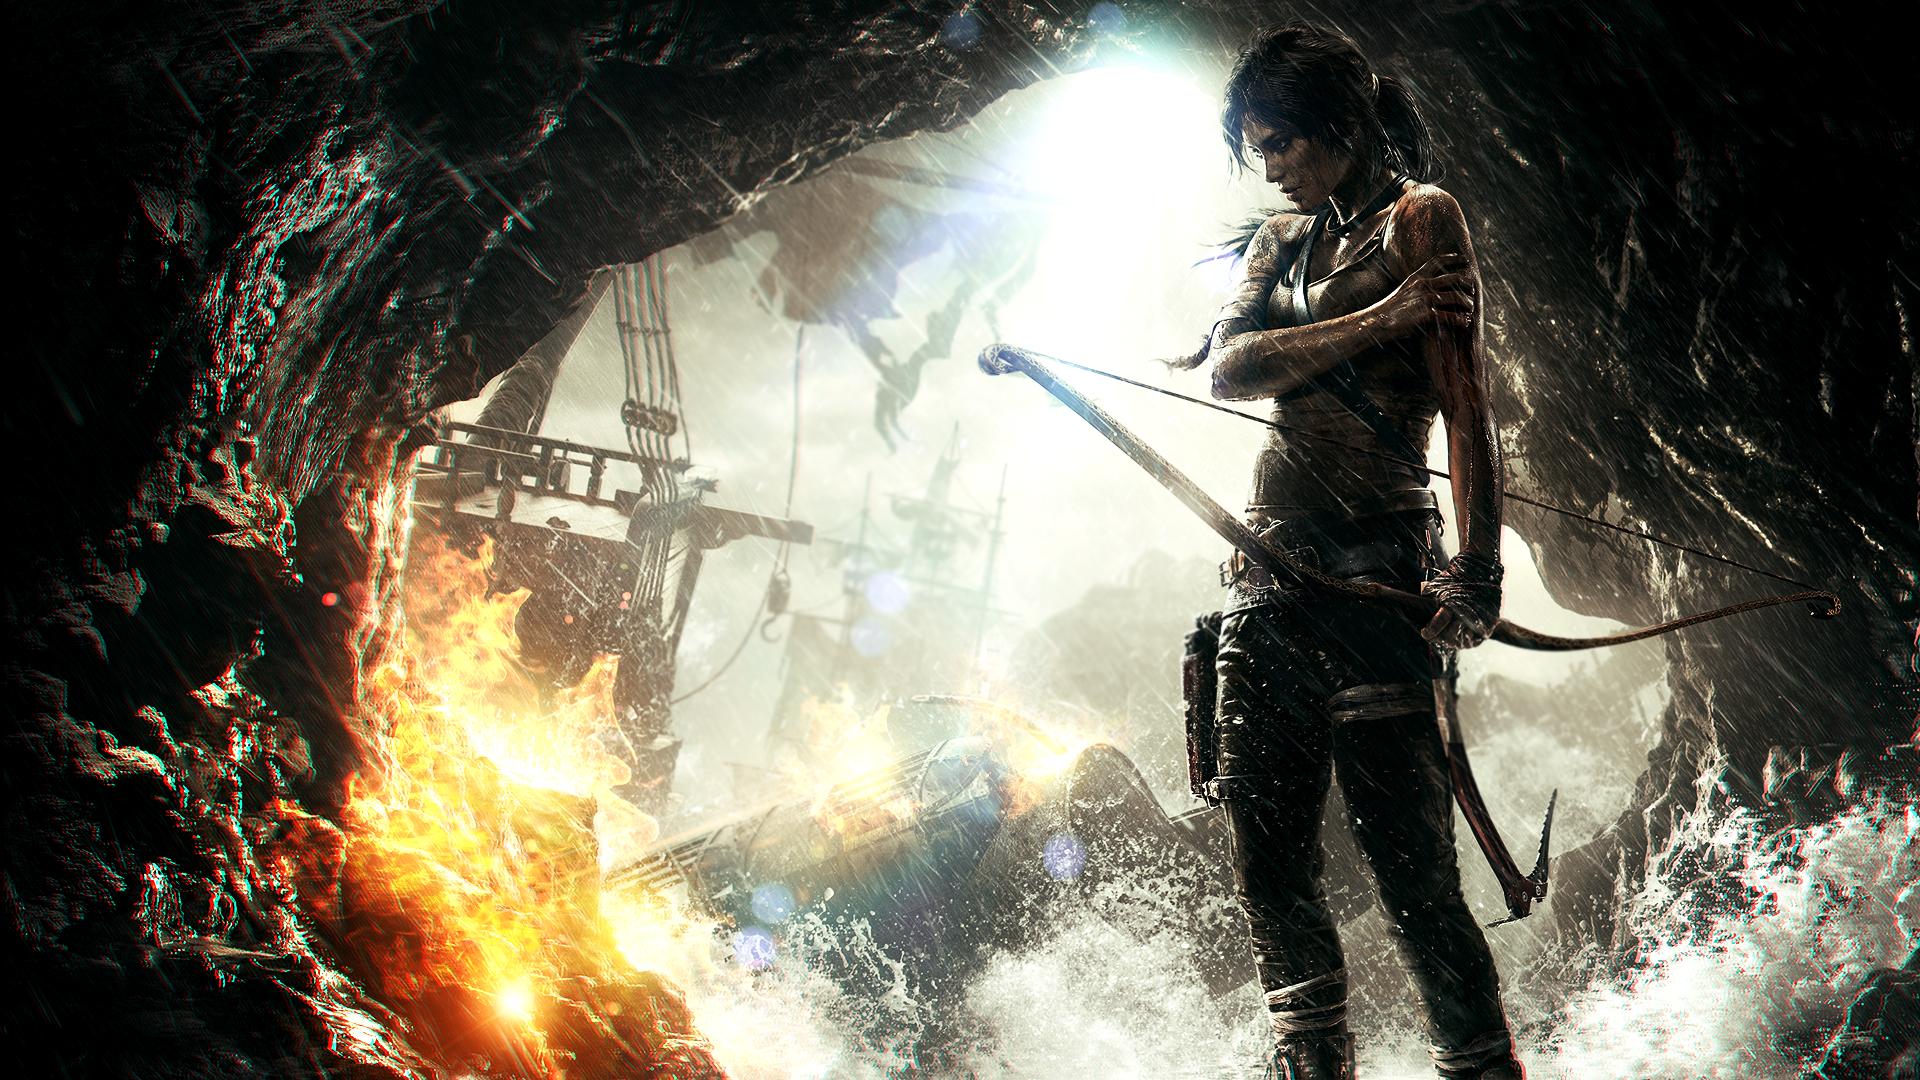 Tomb Raider Wallpaper Photomanip by Enigmarez on DeviantArt